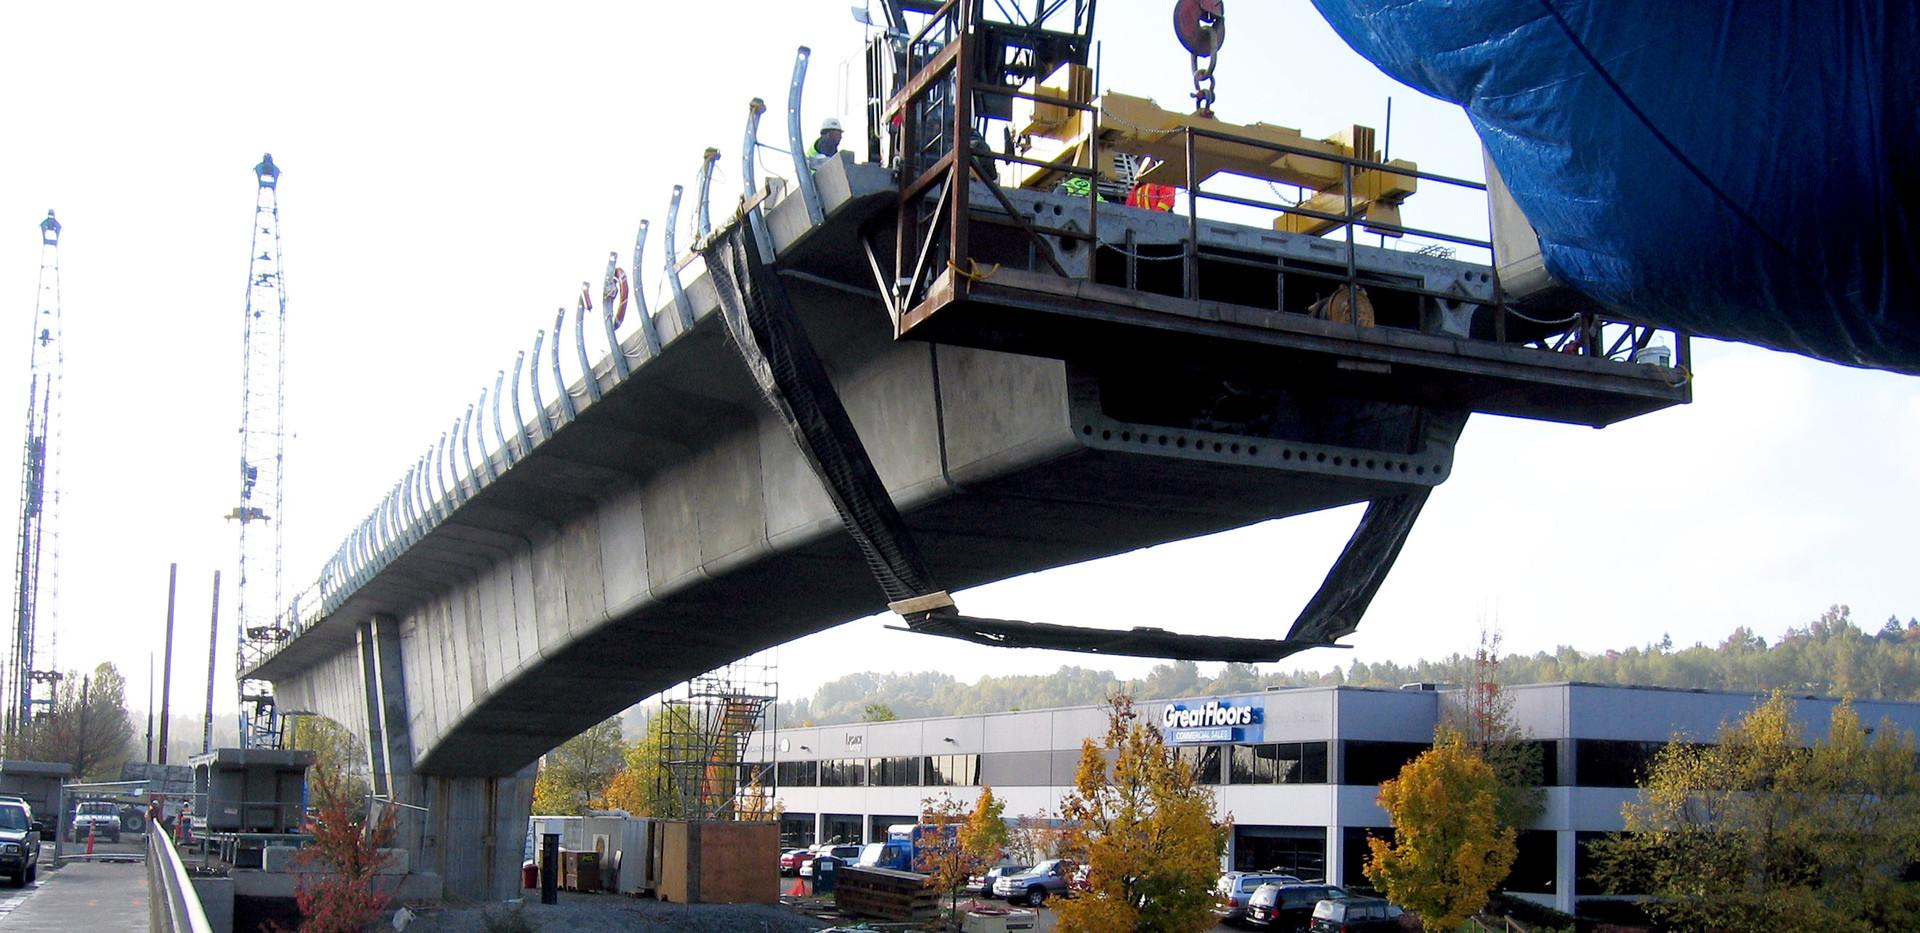 Seattle08.jpg